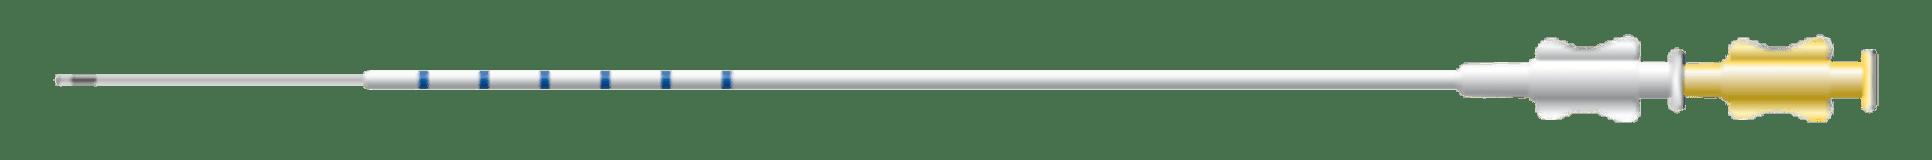 Echogyn® Embryoview® – 23 cm  img